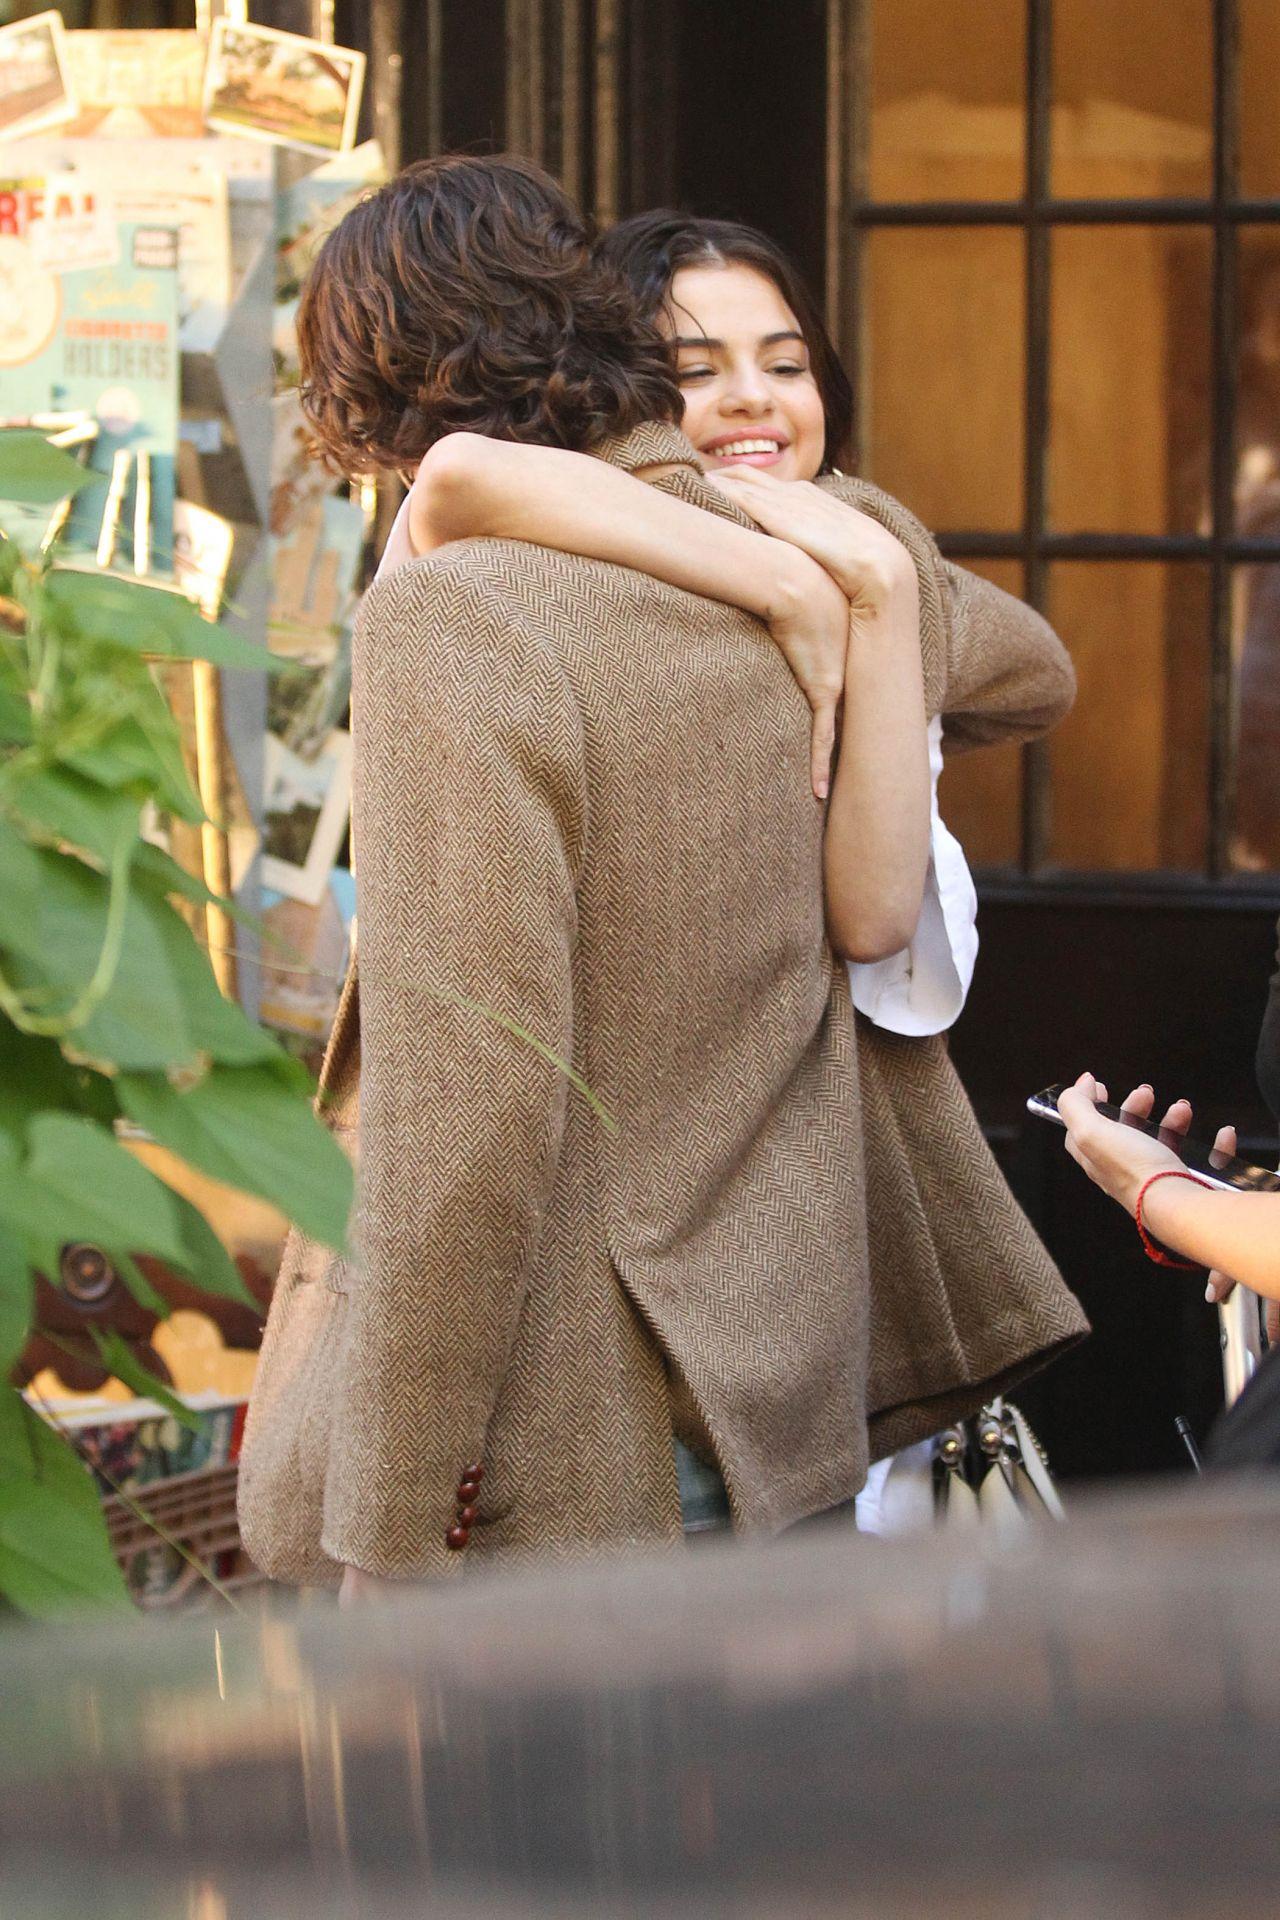 Selena Gomez - Woody Allen Film Set In Nyc 09222017-4890